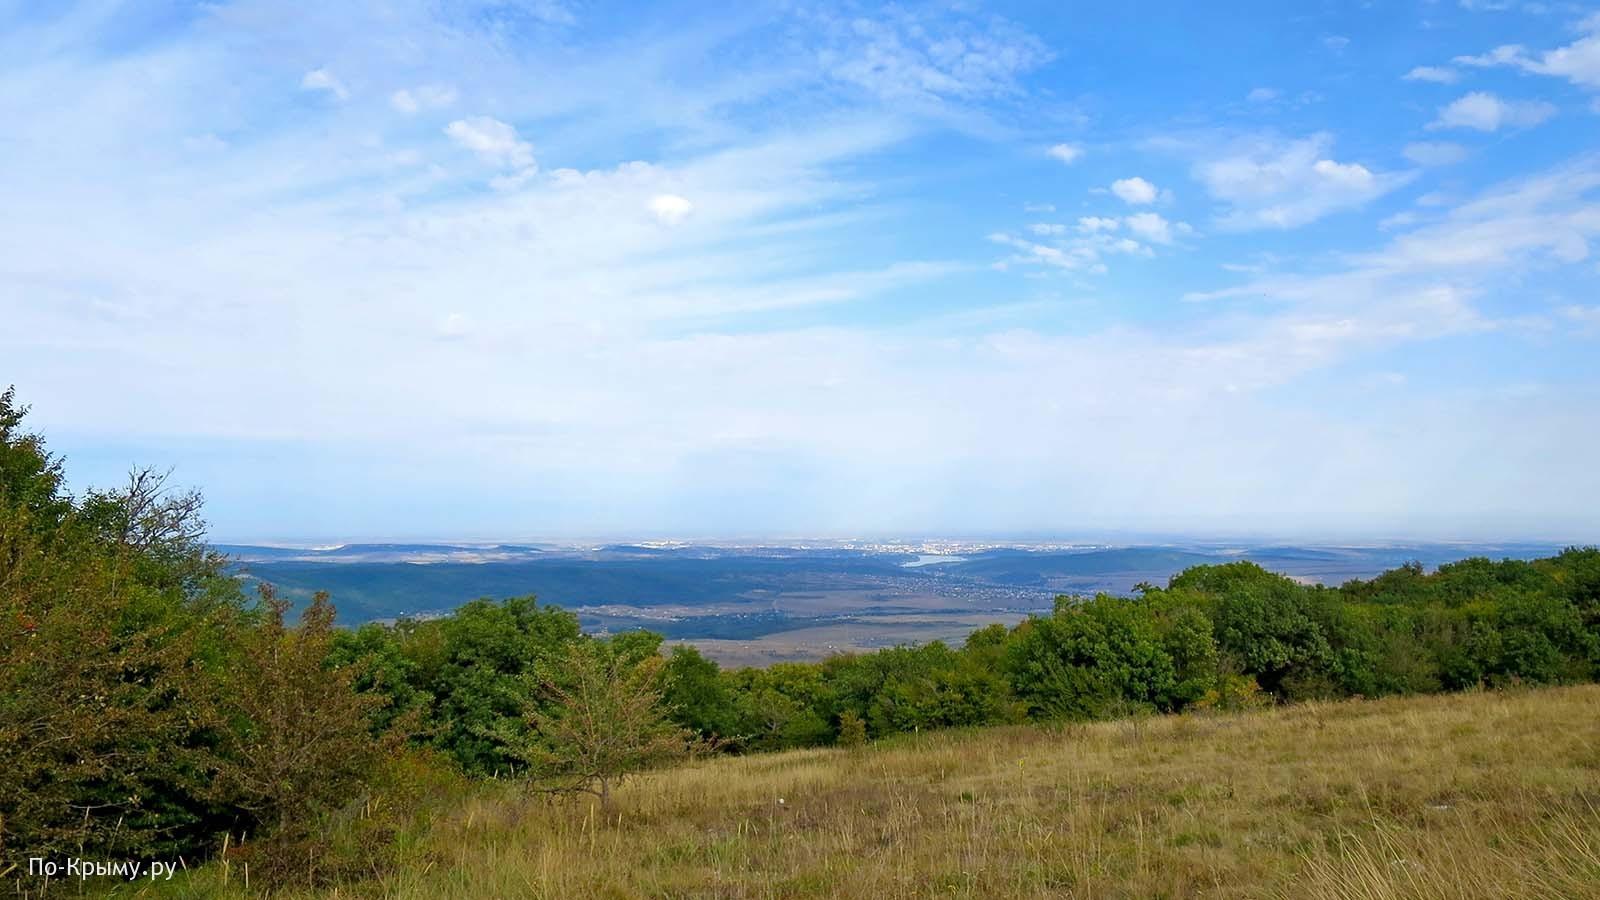 Вид с Чатырдага на Симферополь